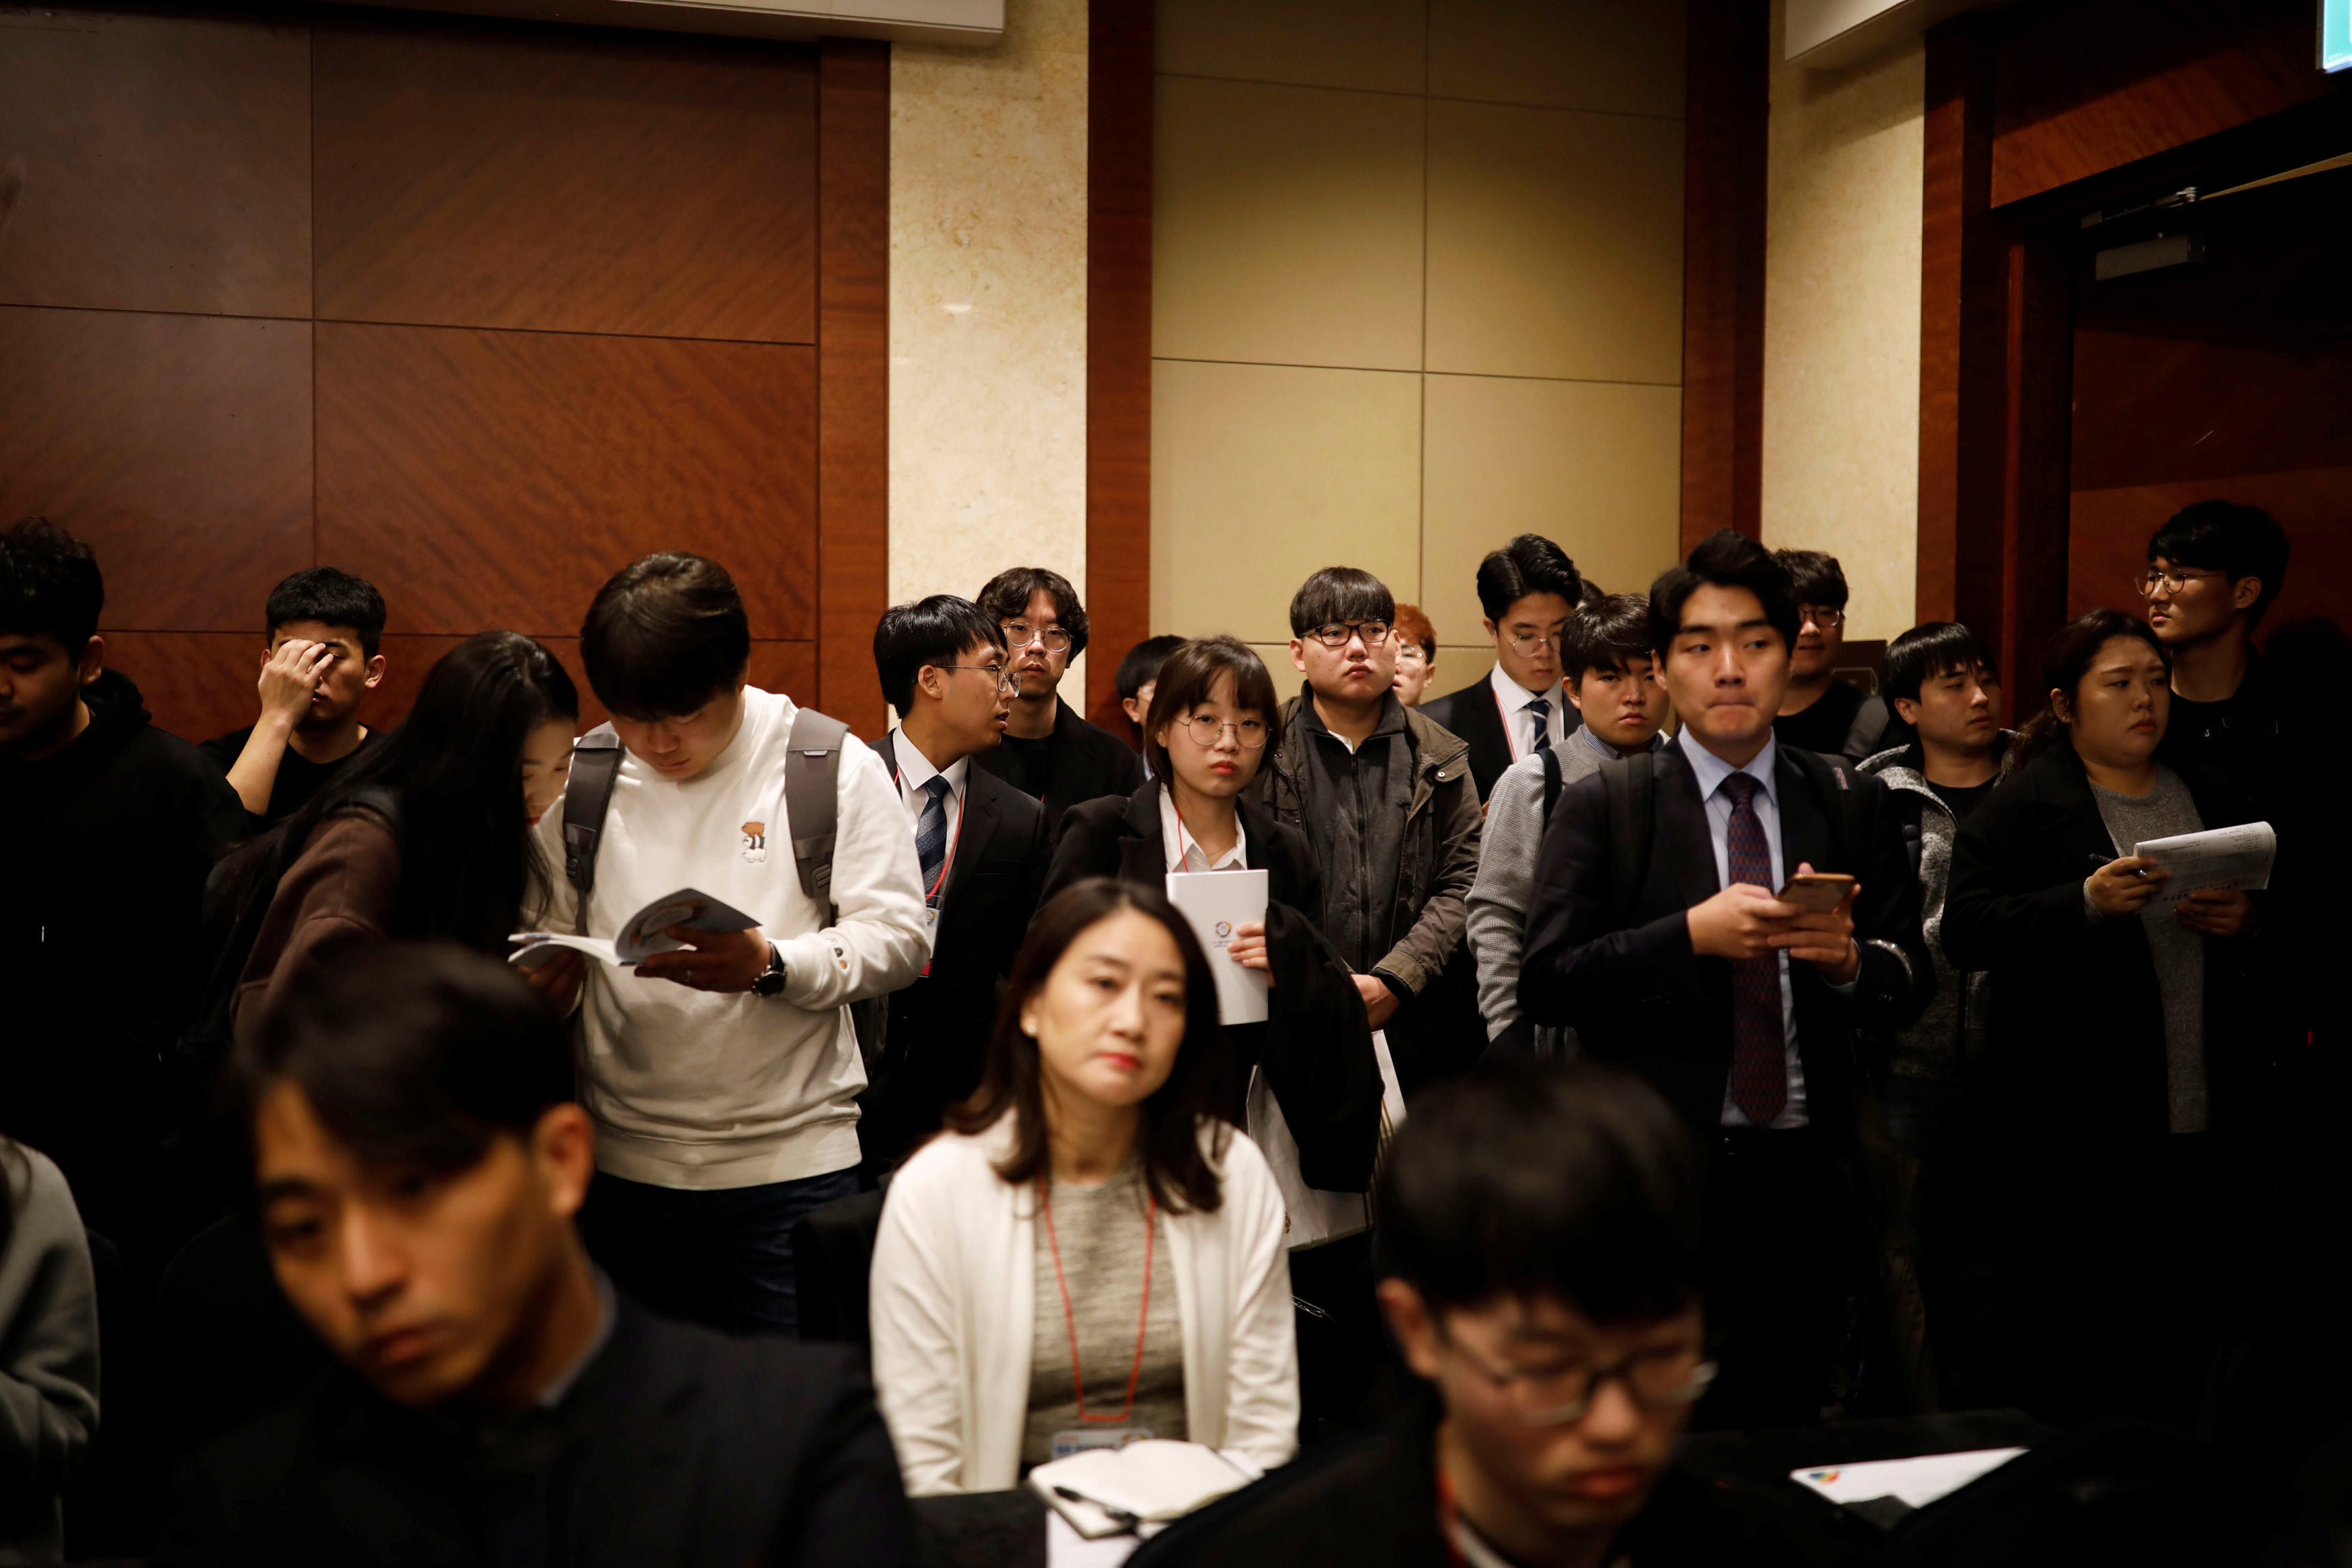 【南漂到日本】「地獄朝鮮」求職難 高學歷年輕人才湧入日本應徵